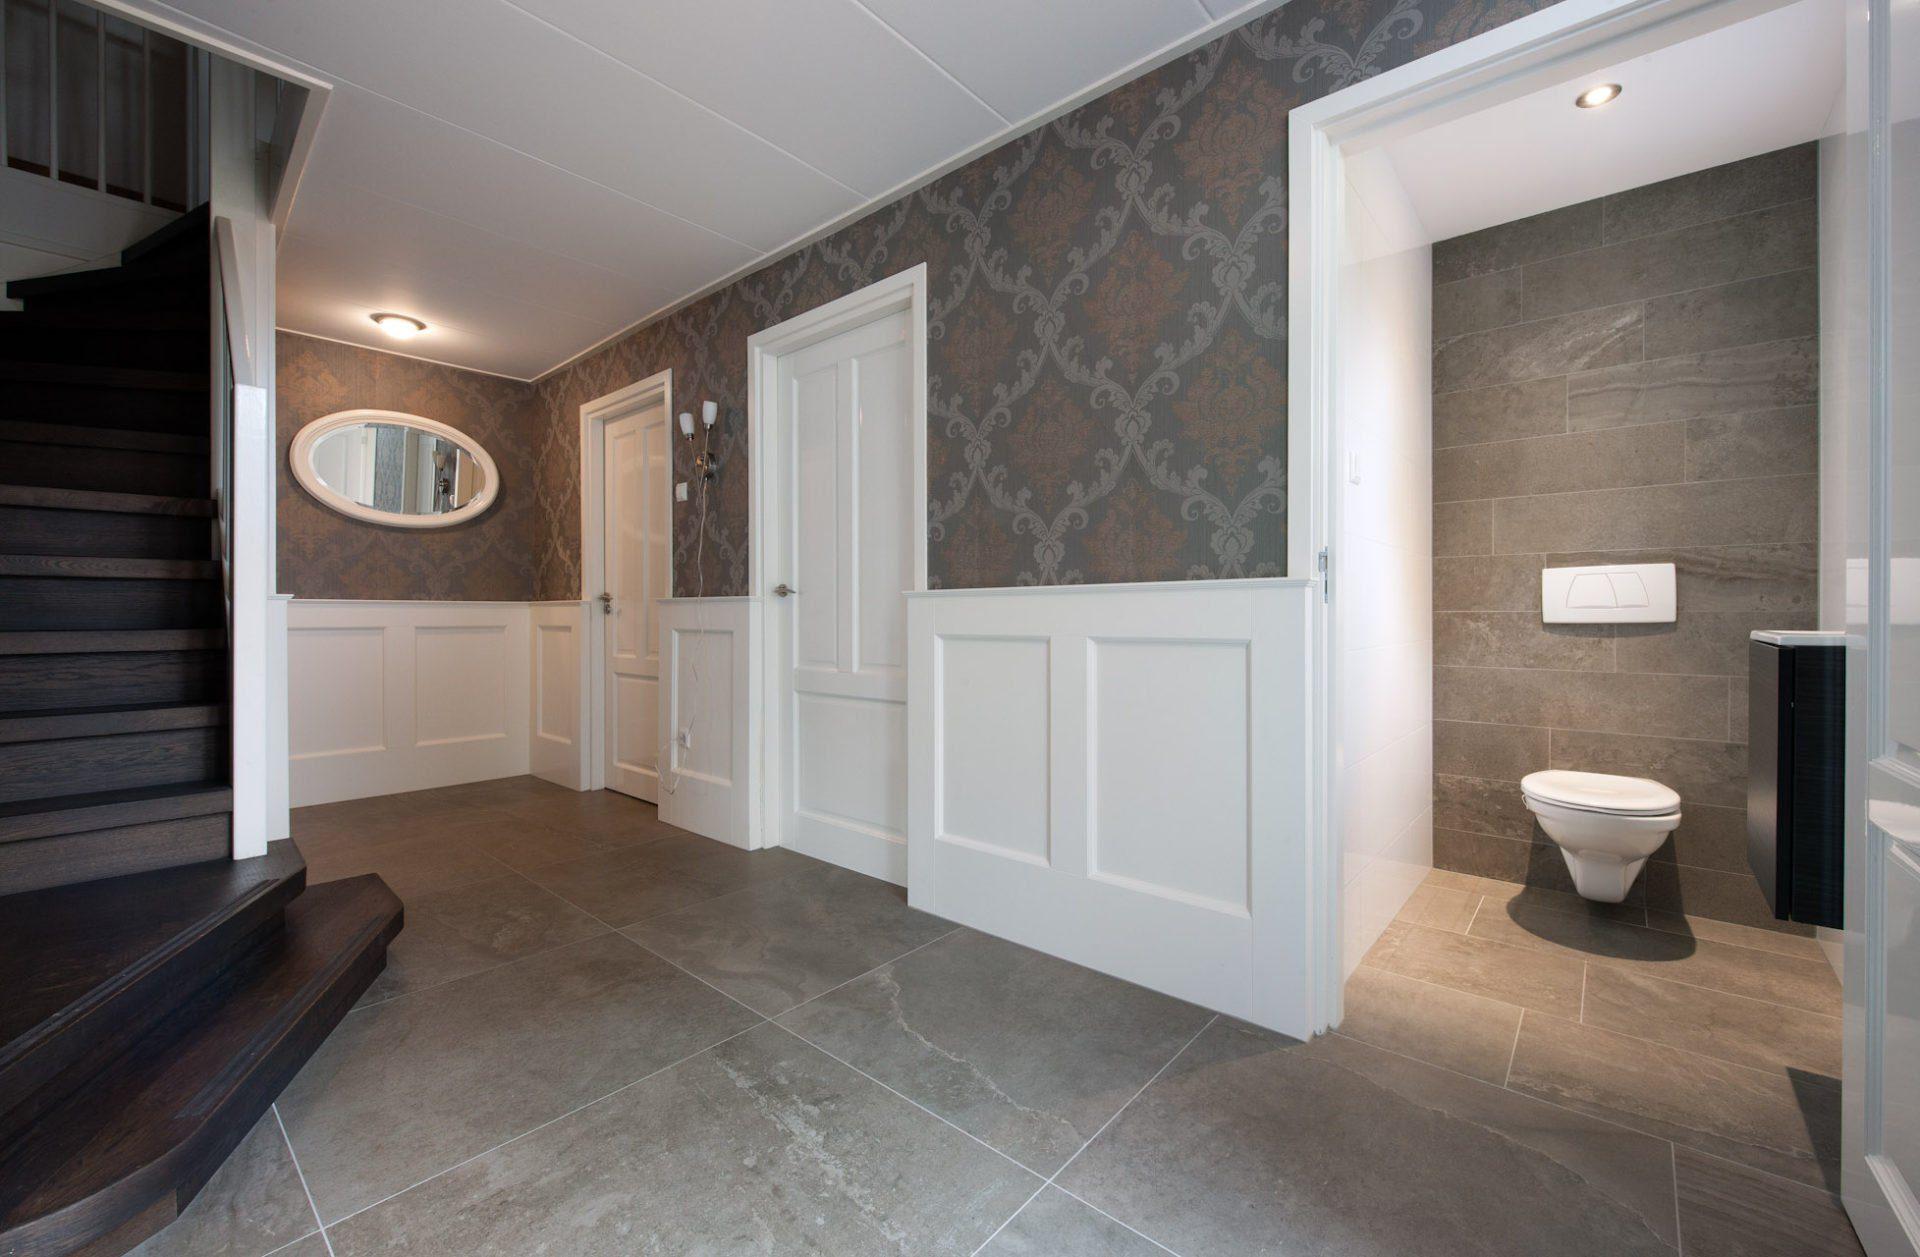 Grote tegels in hal en badkamer kroon vloeren in steen - Tegelvloer badkamer ...